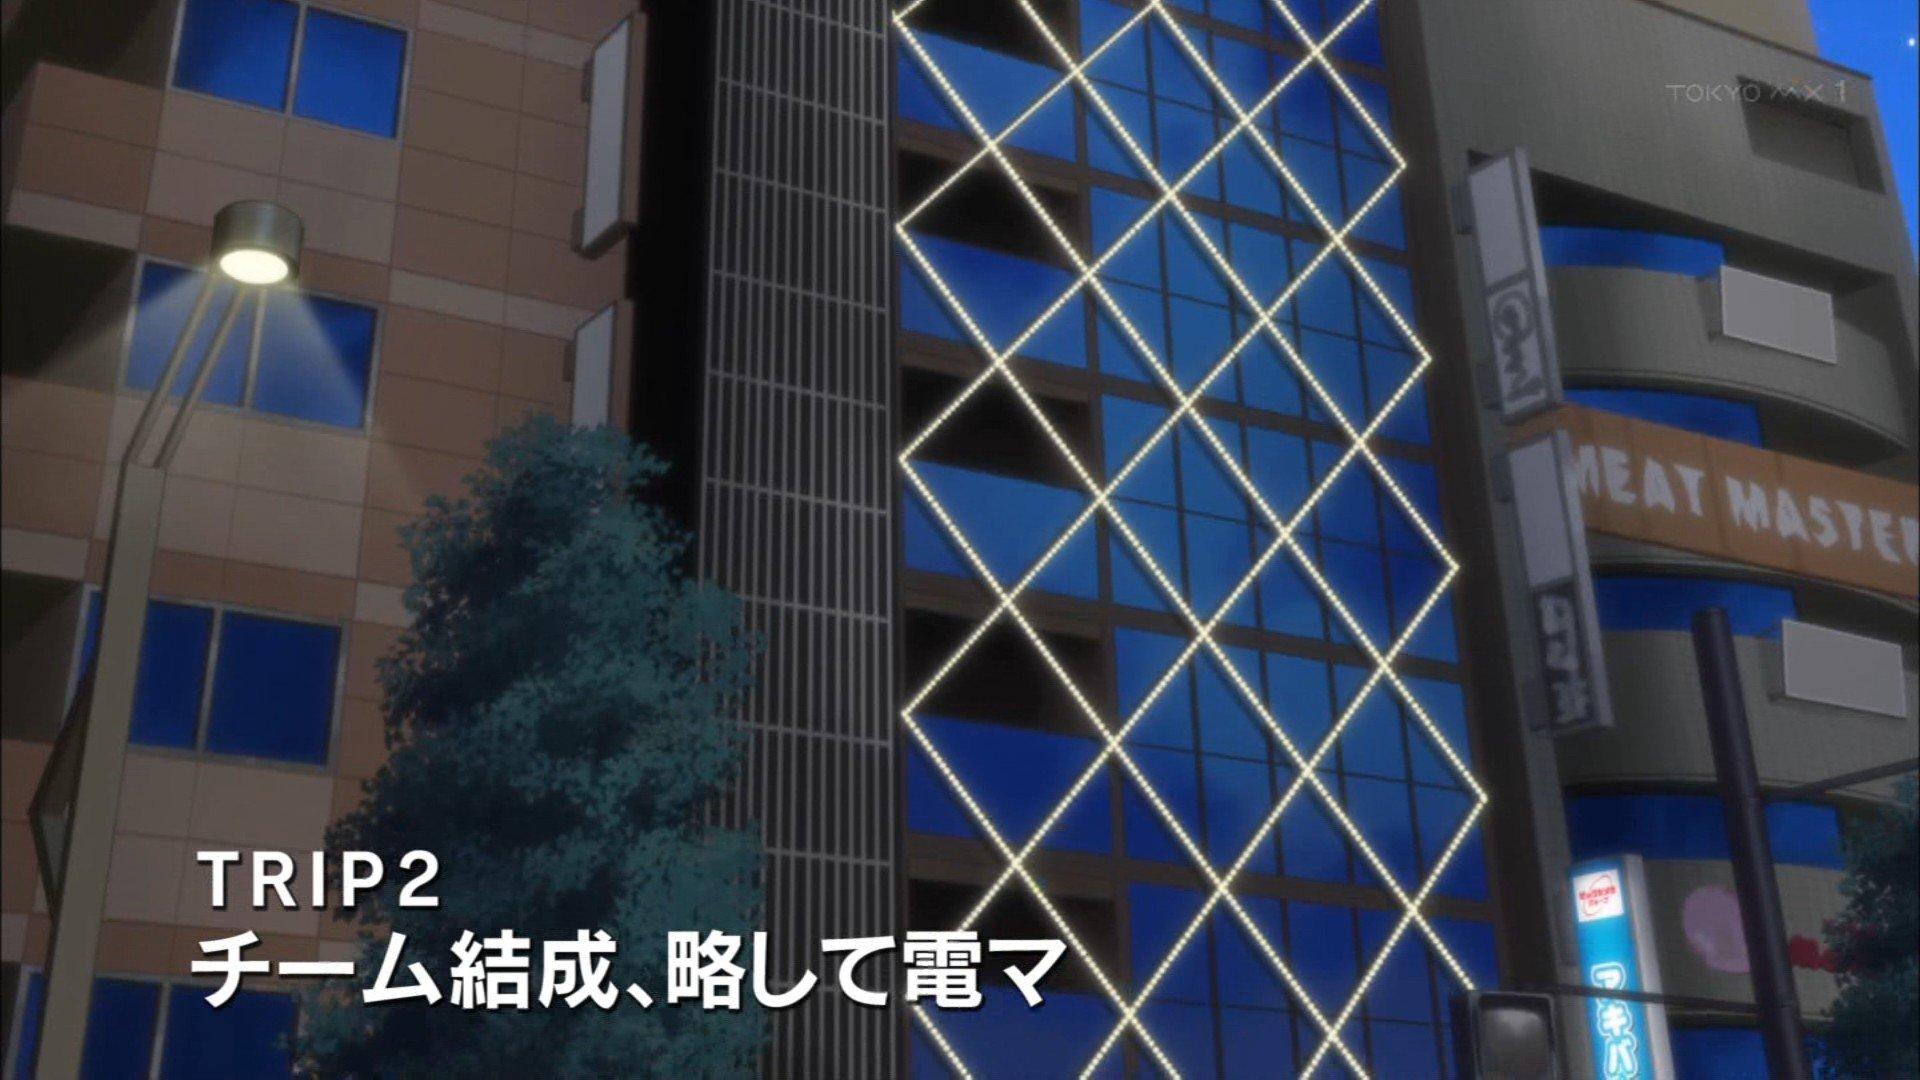 TRIP2 チーム結成、略して電マ #akibani #akibastrip #tokyomx https://t.co/dbzpY6YMBn